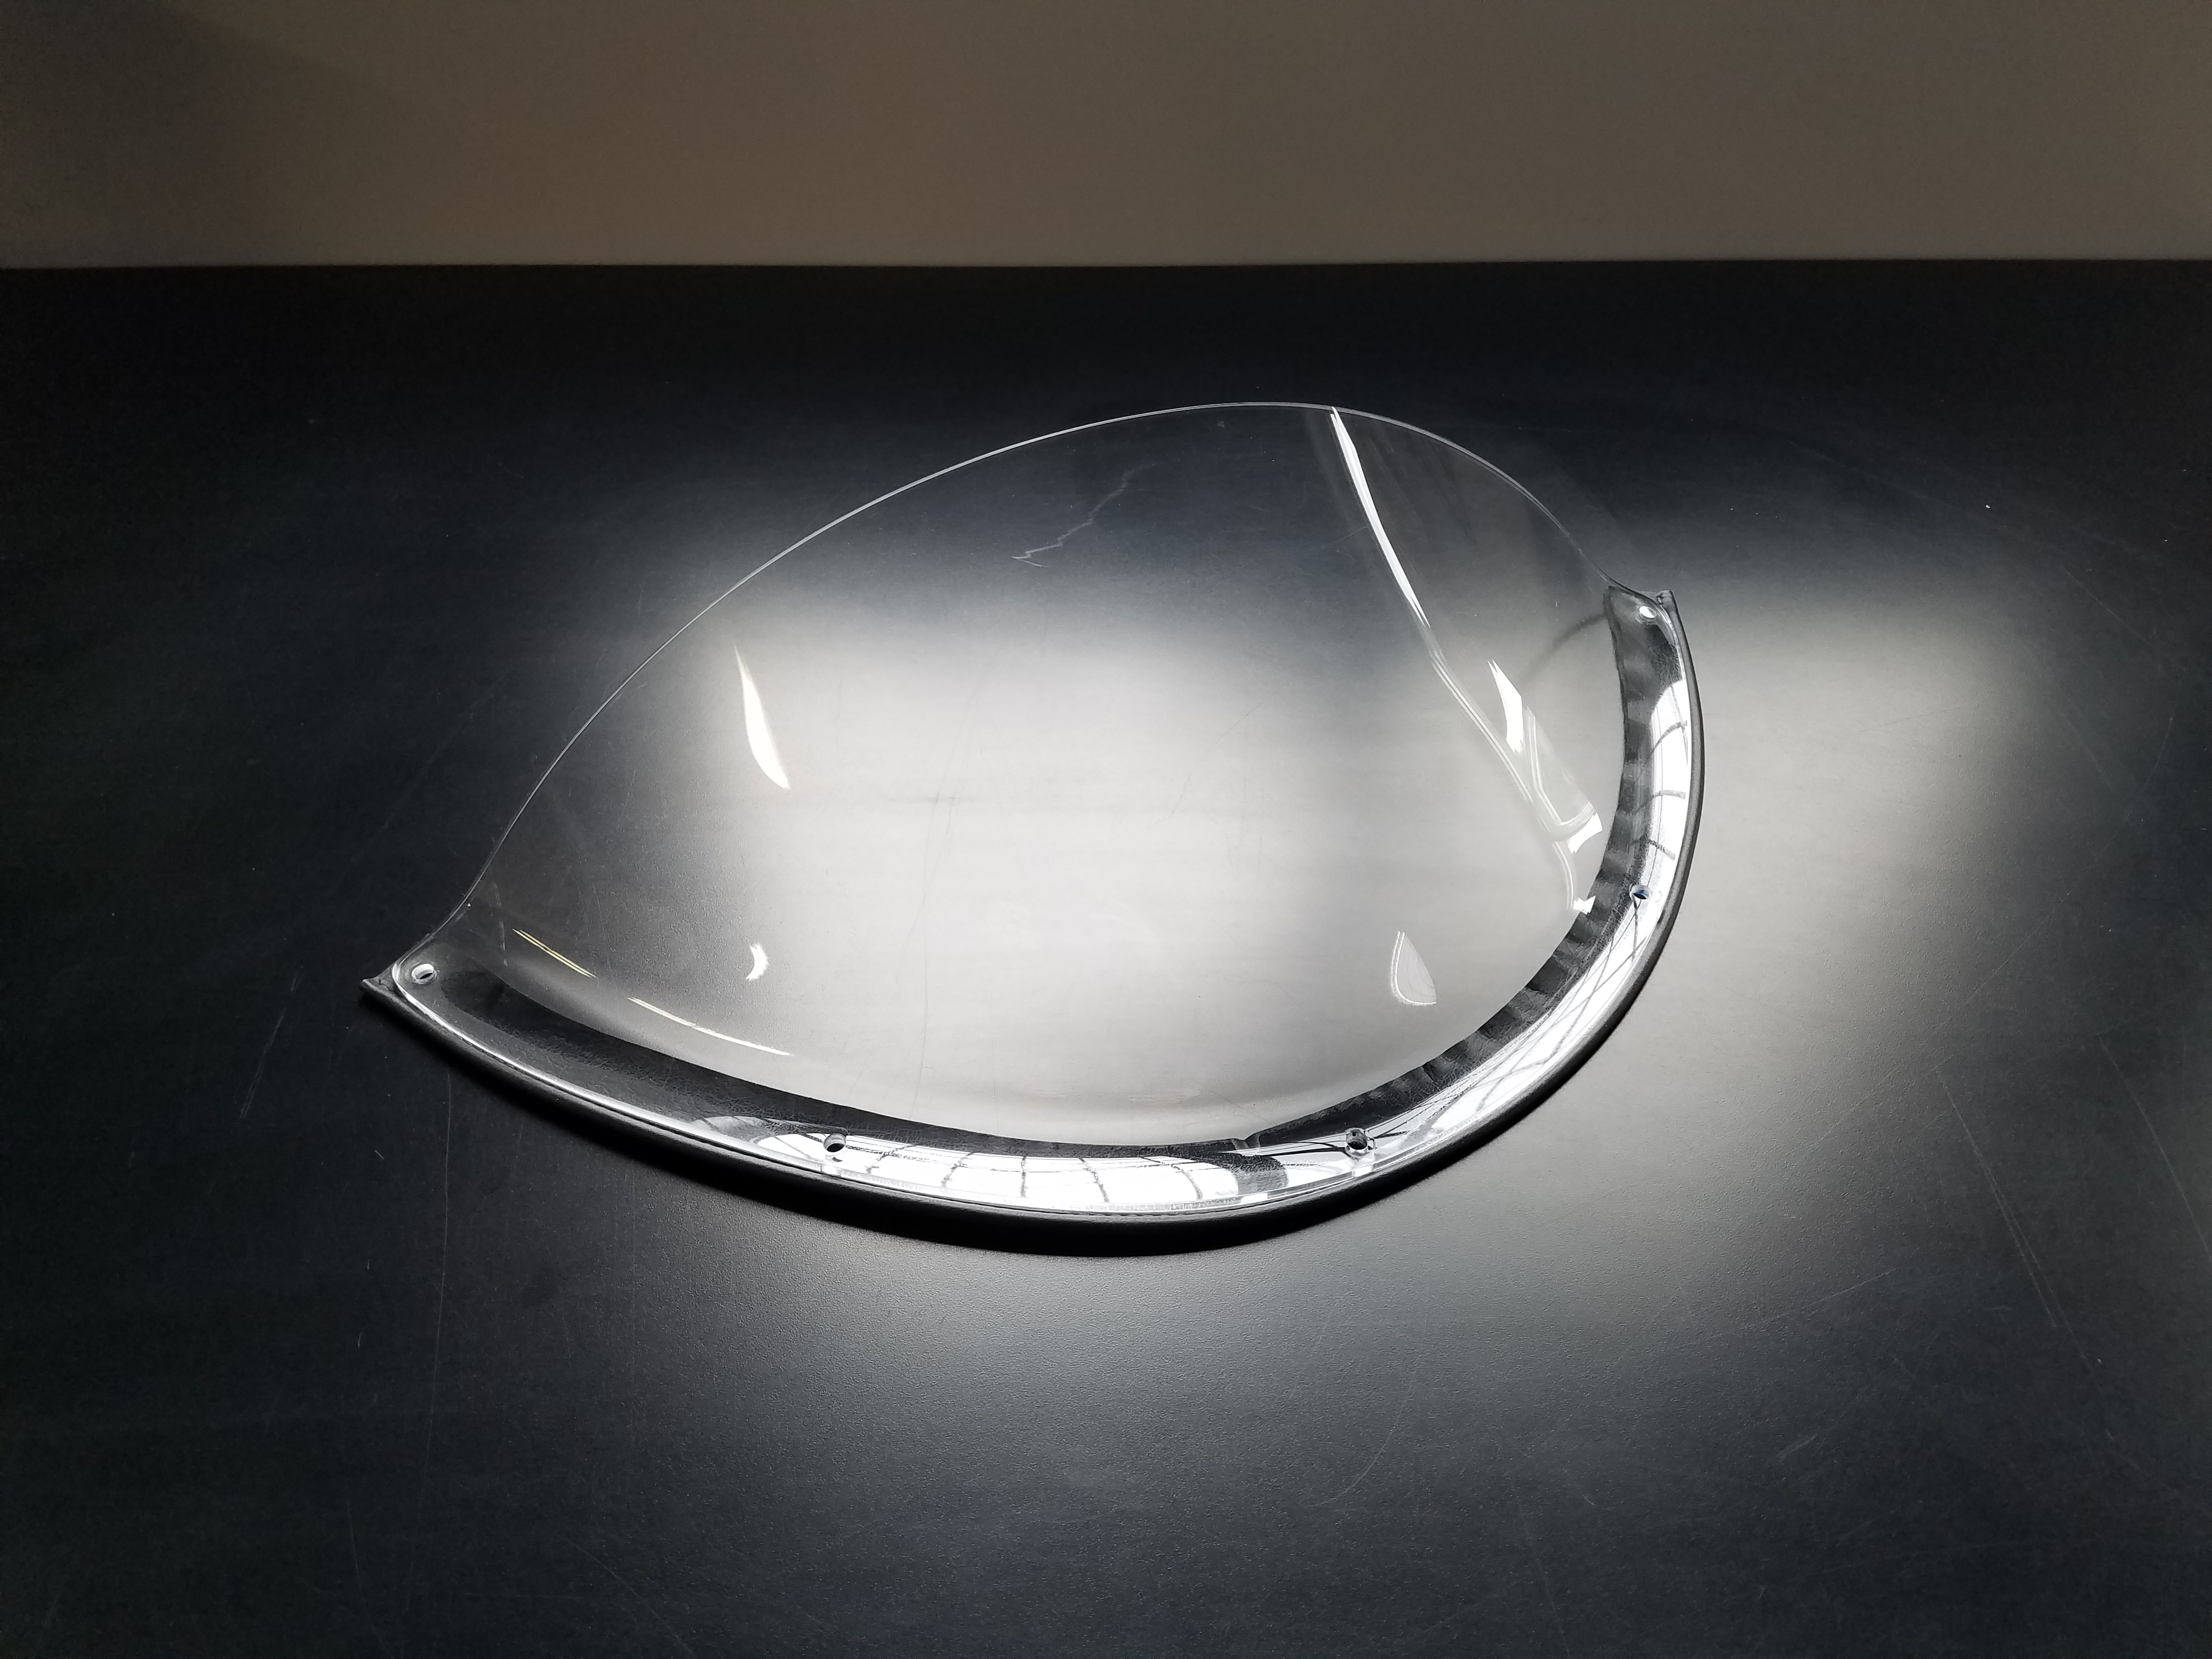 Spyder Plexi Single Driver Windscreen